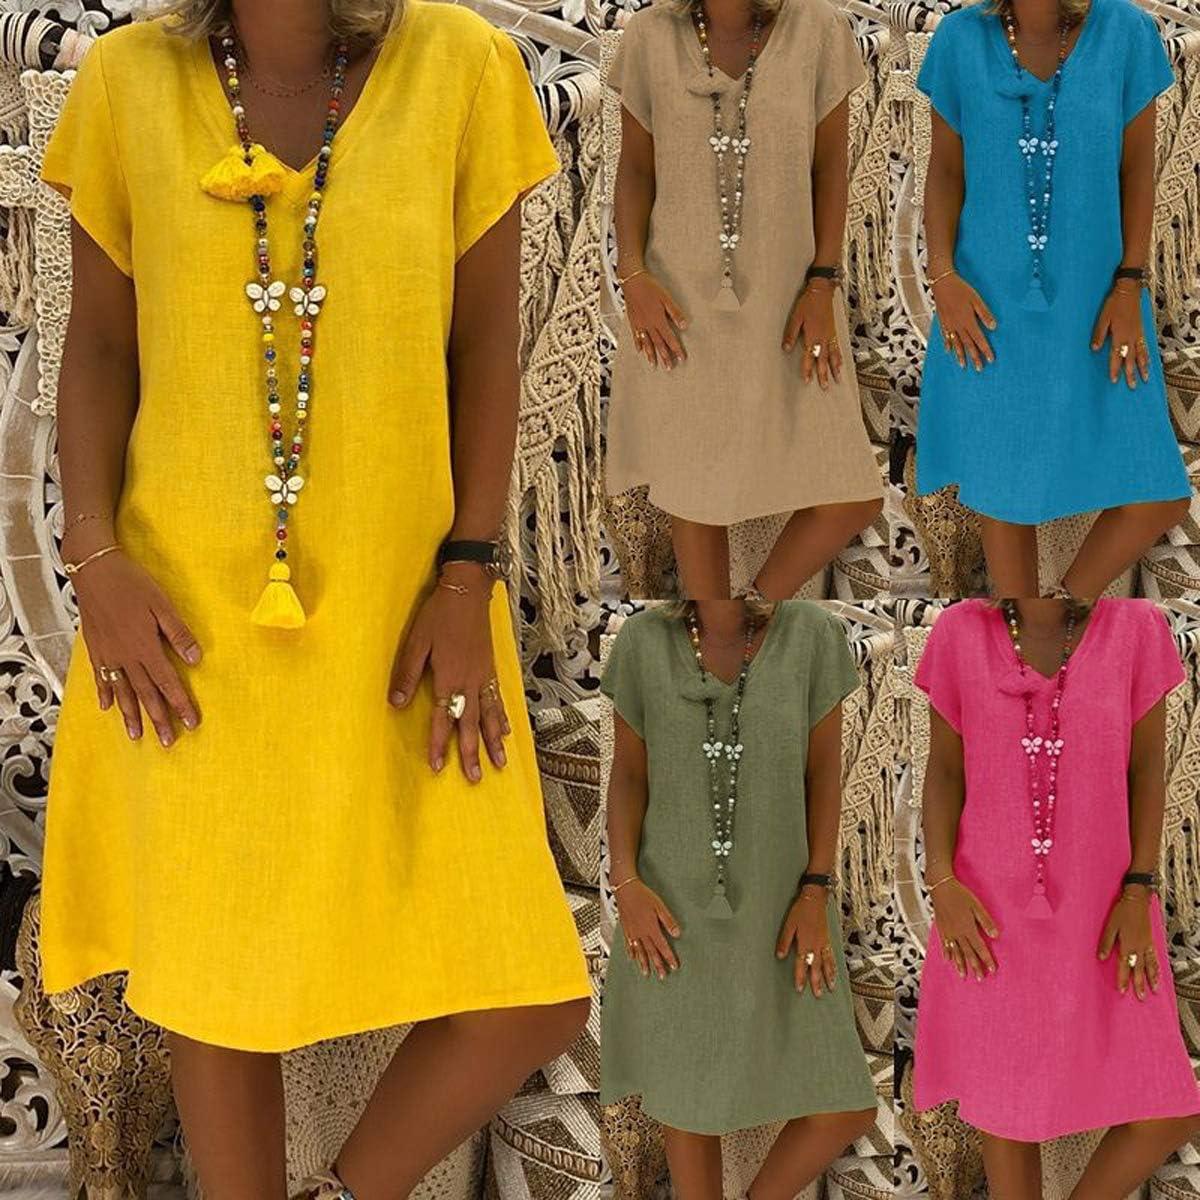 Moceal Sommerkleid Leinen Kleider Damen V-Ausschnitt Strandkleider Einfarbig A-Linie Kleid Boho Knielang Kleid Partykleid Minikleider Blusenkleider Ohne Zubehör Blau